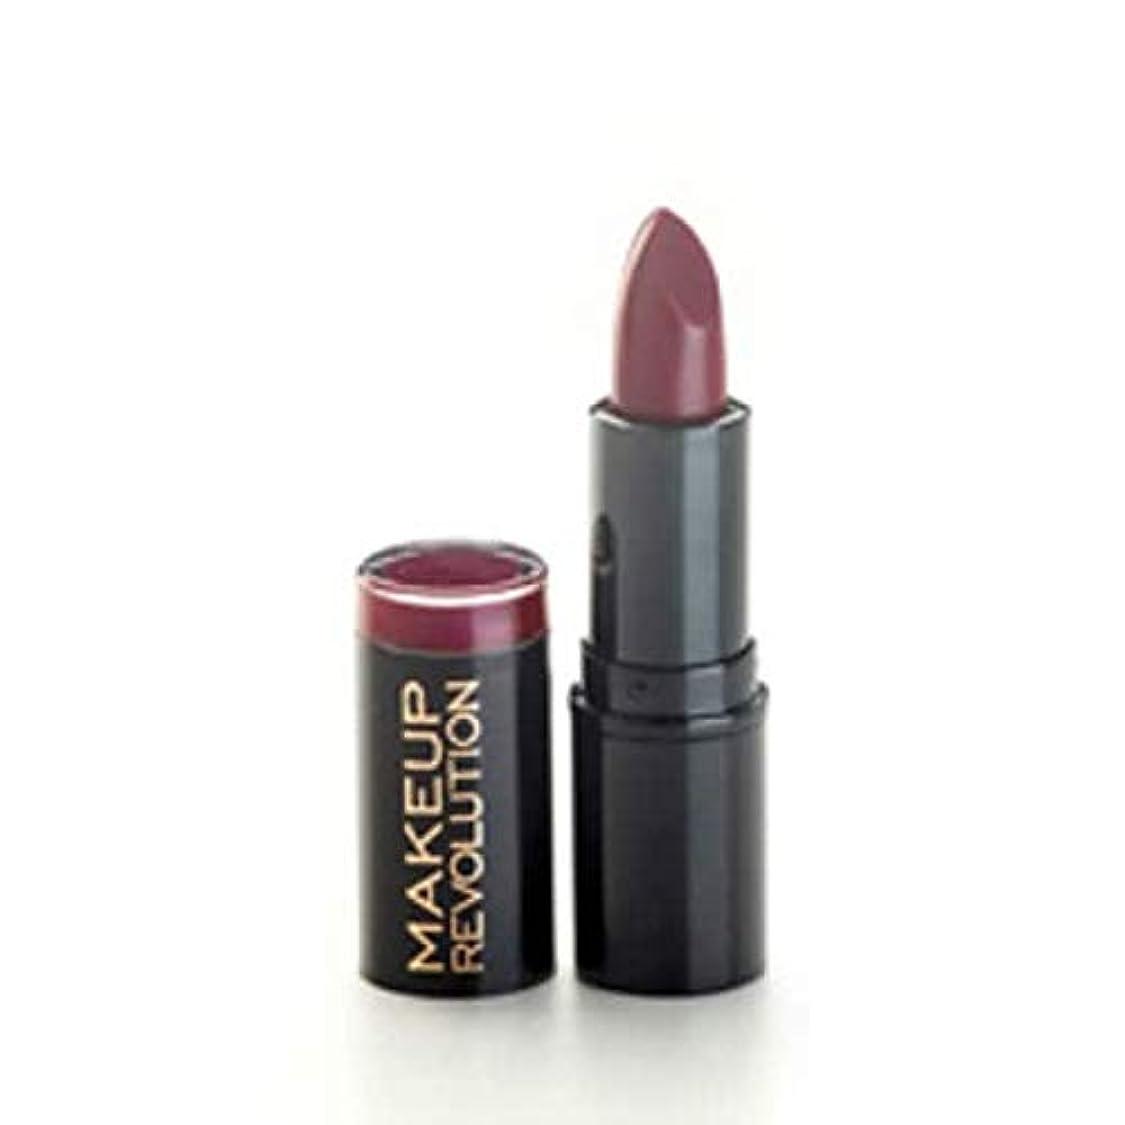 回復する言及する不健康[Revolution ] 原因と革命Vampコレクションの口紅の反乱 - Revolution Vamp Collection Lipstick Rebel with Cause [並行輸入品]